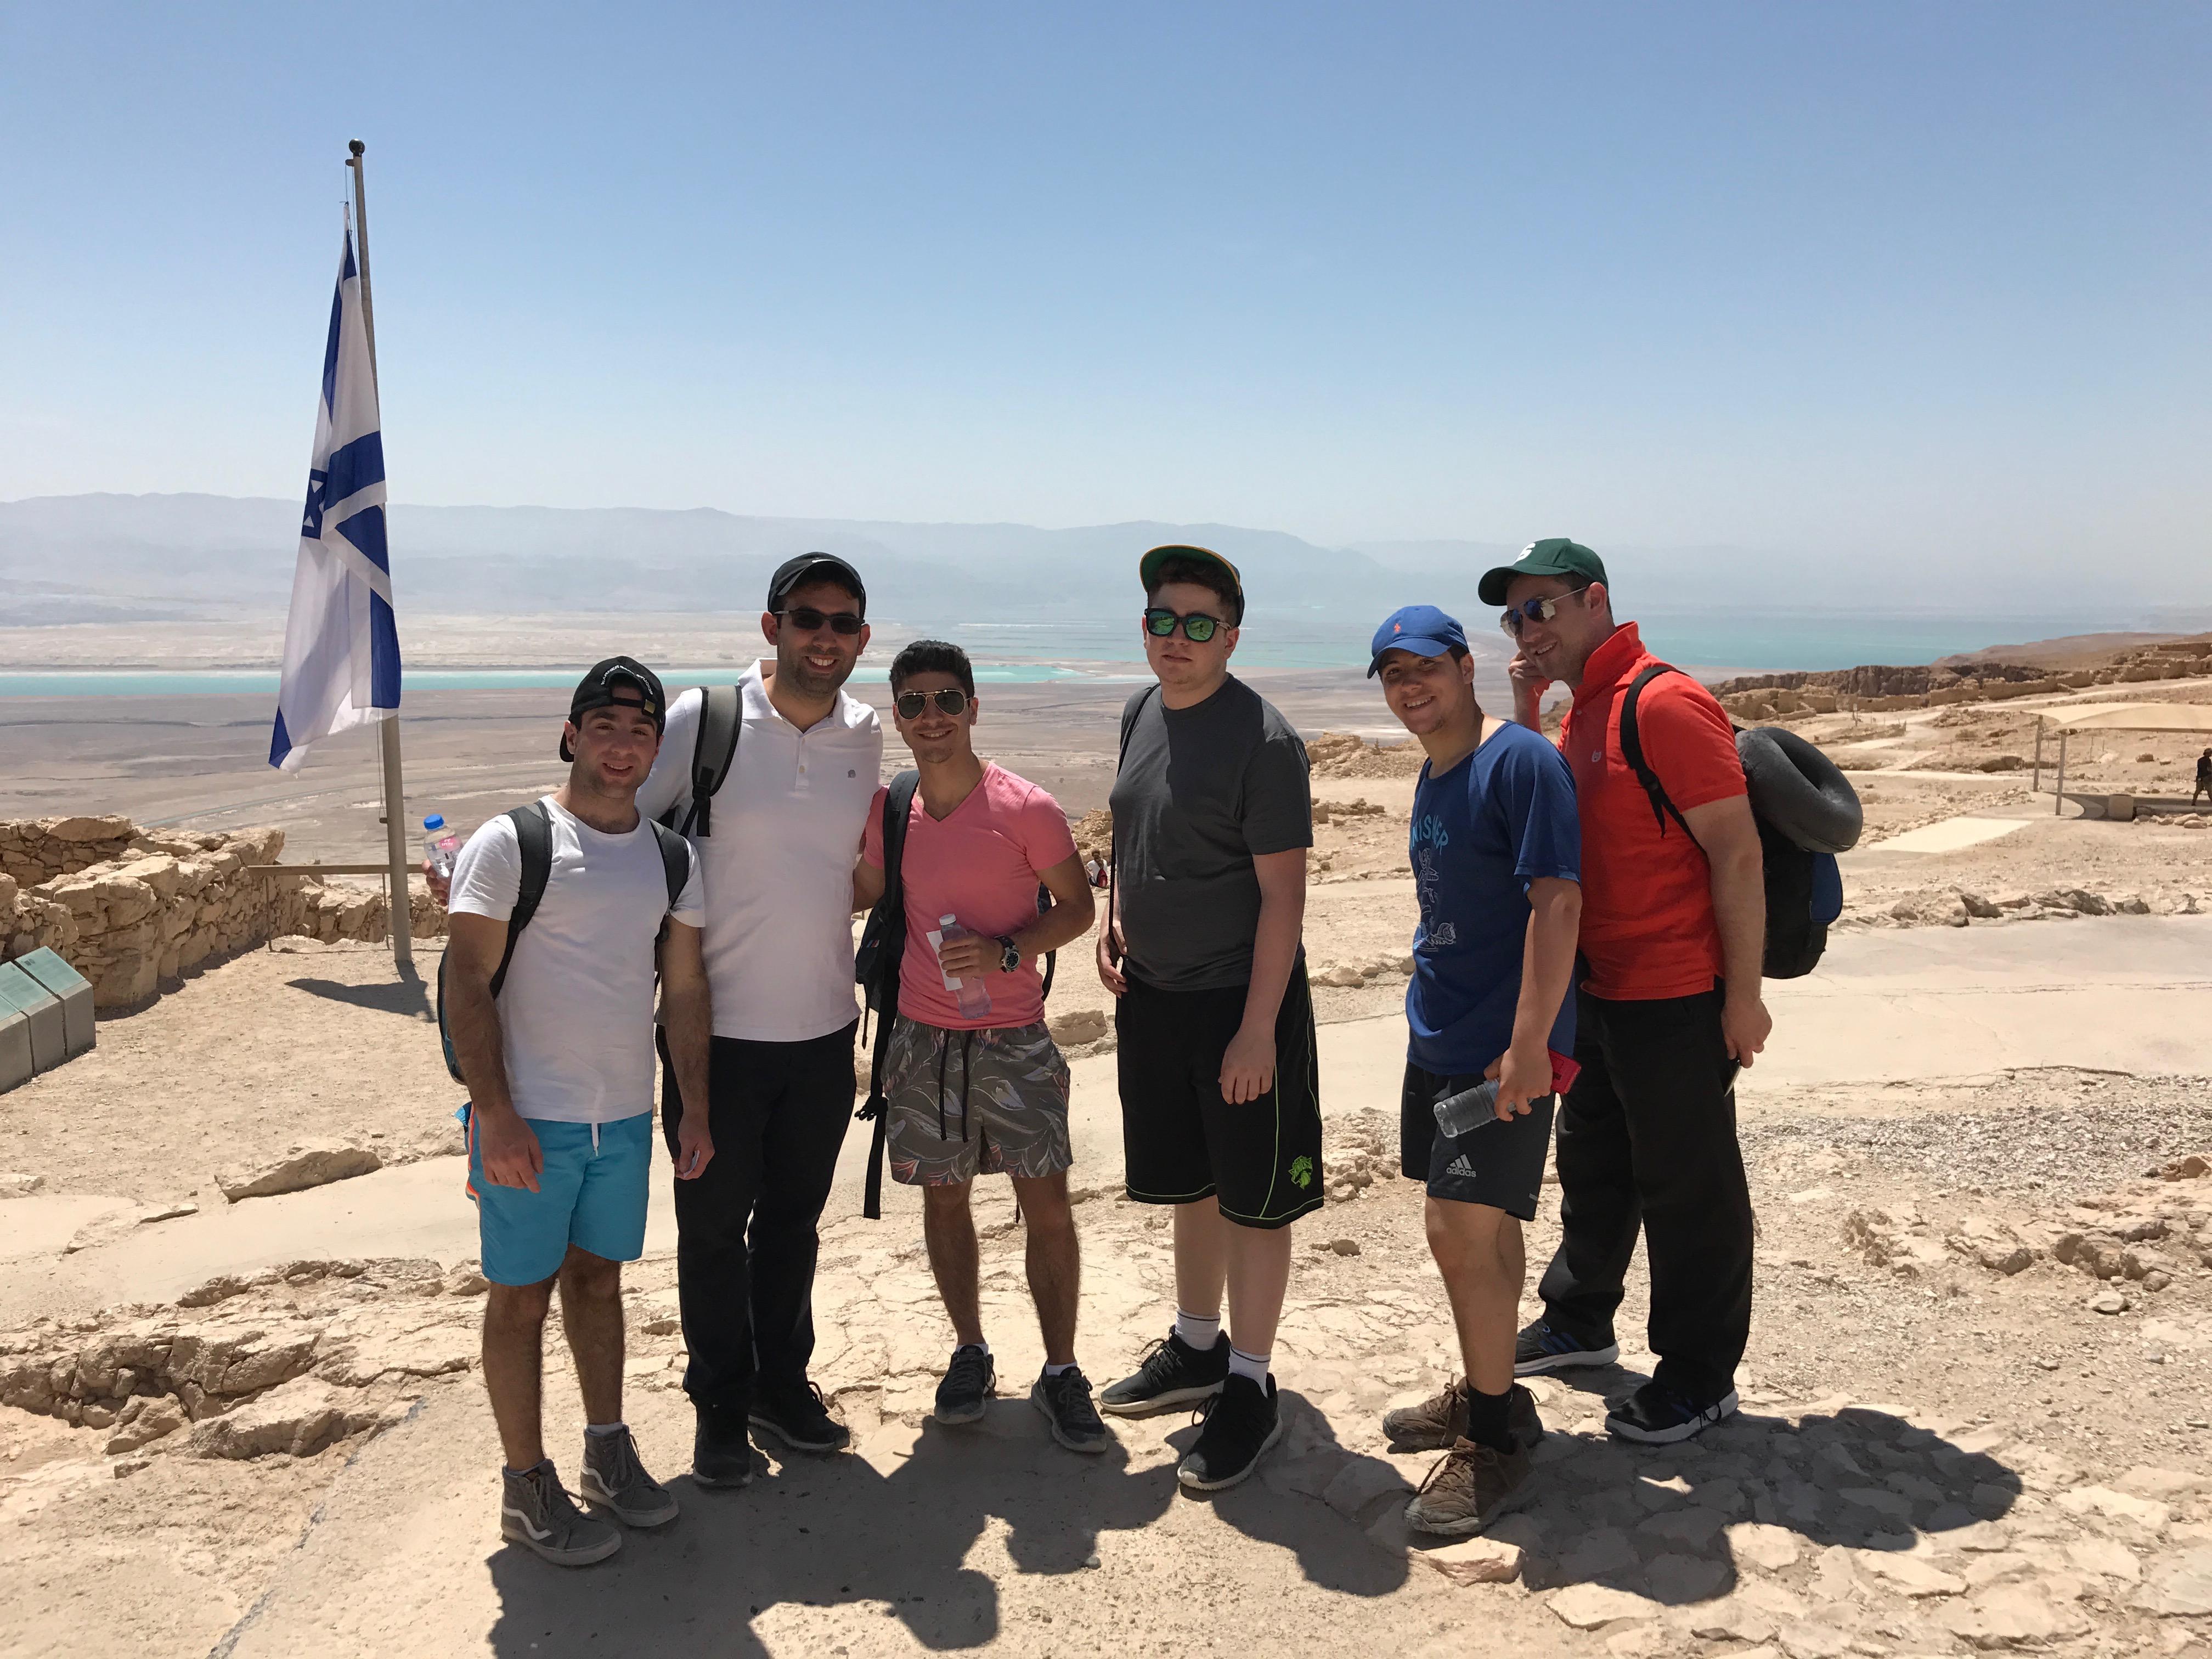 Senior Trip to Israel